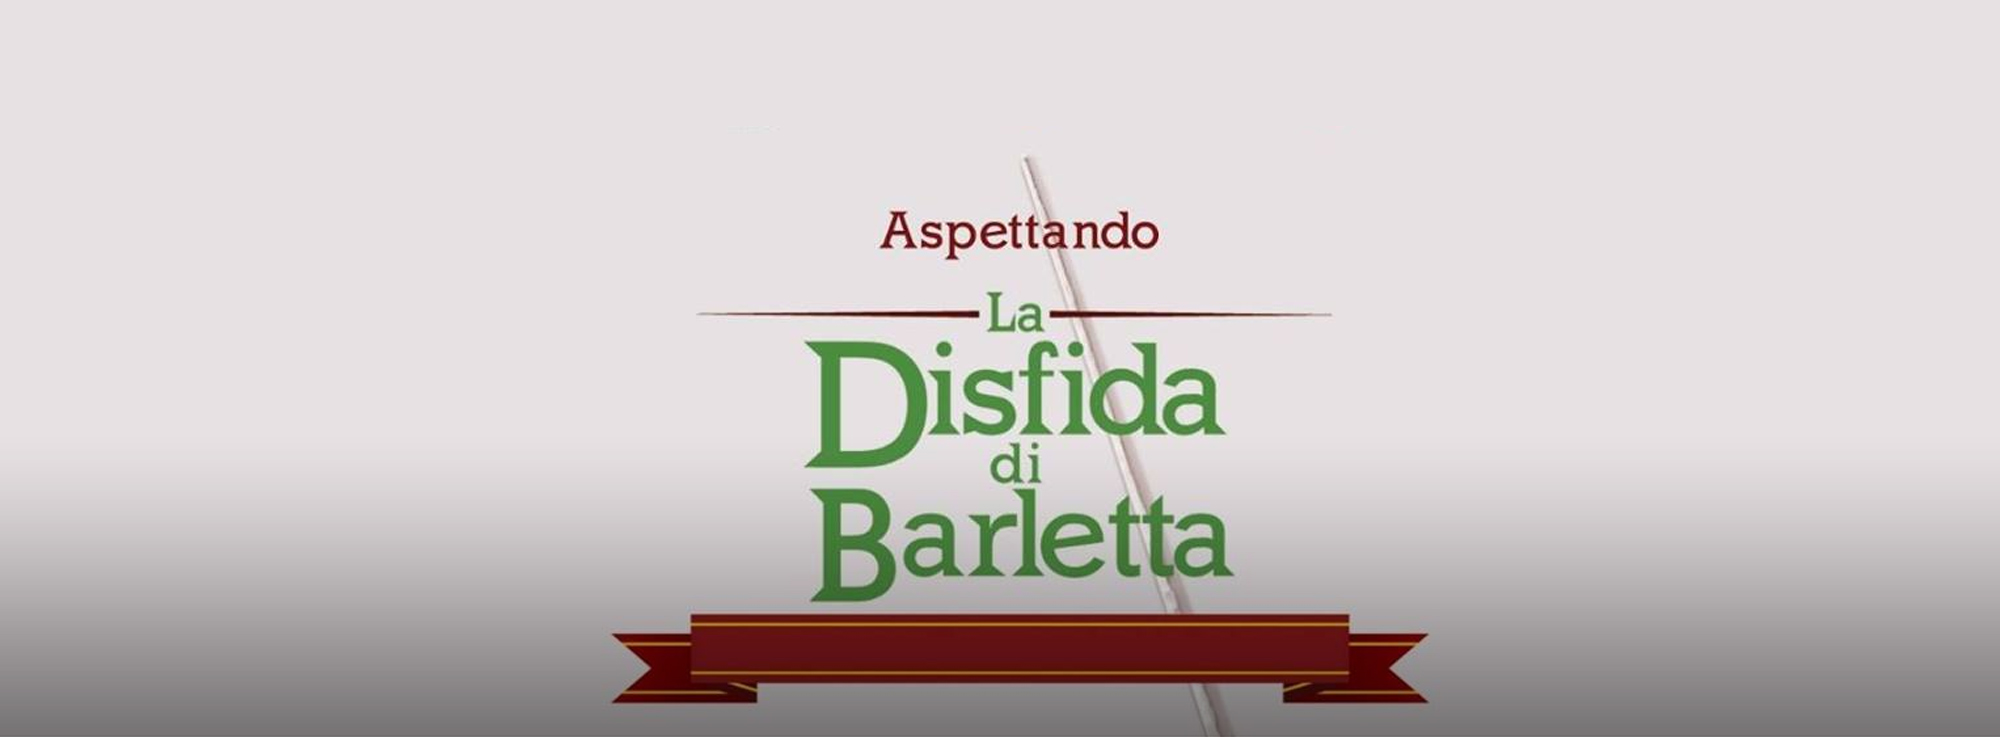 Barletta, Trani, Margherita di Savoia, Andria, Ruvo: Aspettando la Disfida